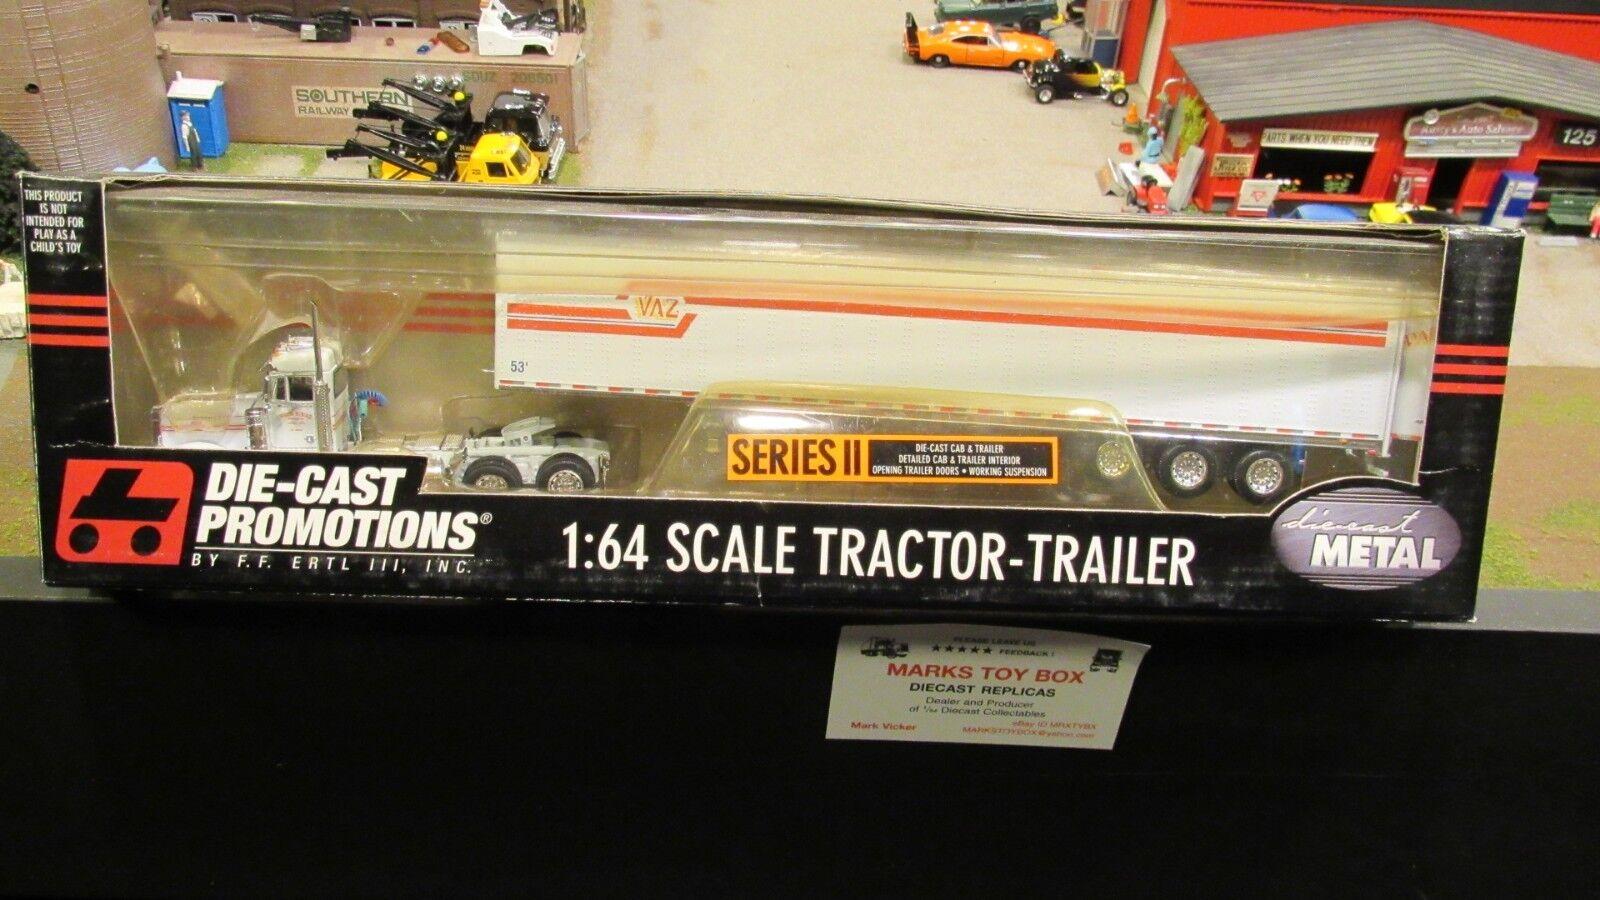 DCPPaul e Vaz camiones Pete 379 día Cab semi camión Dry Van Trailer 1 64